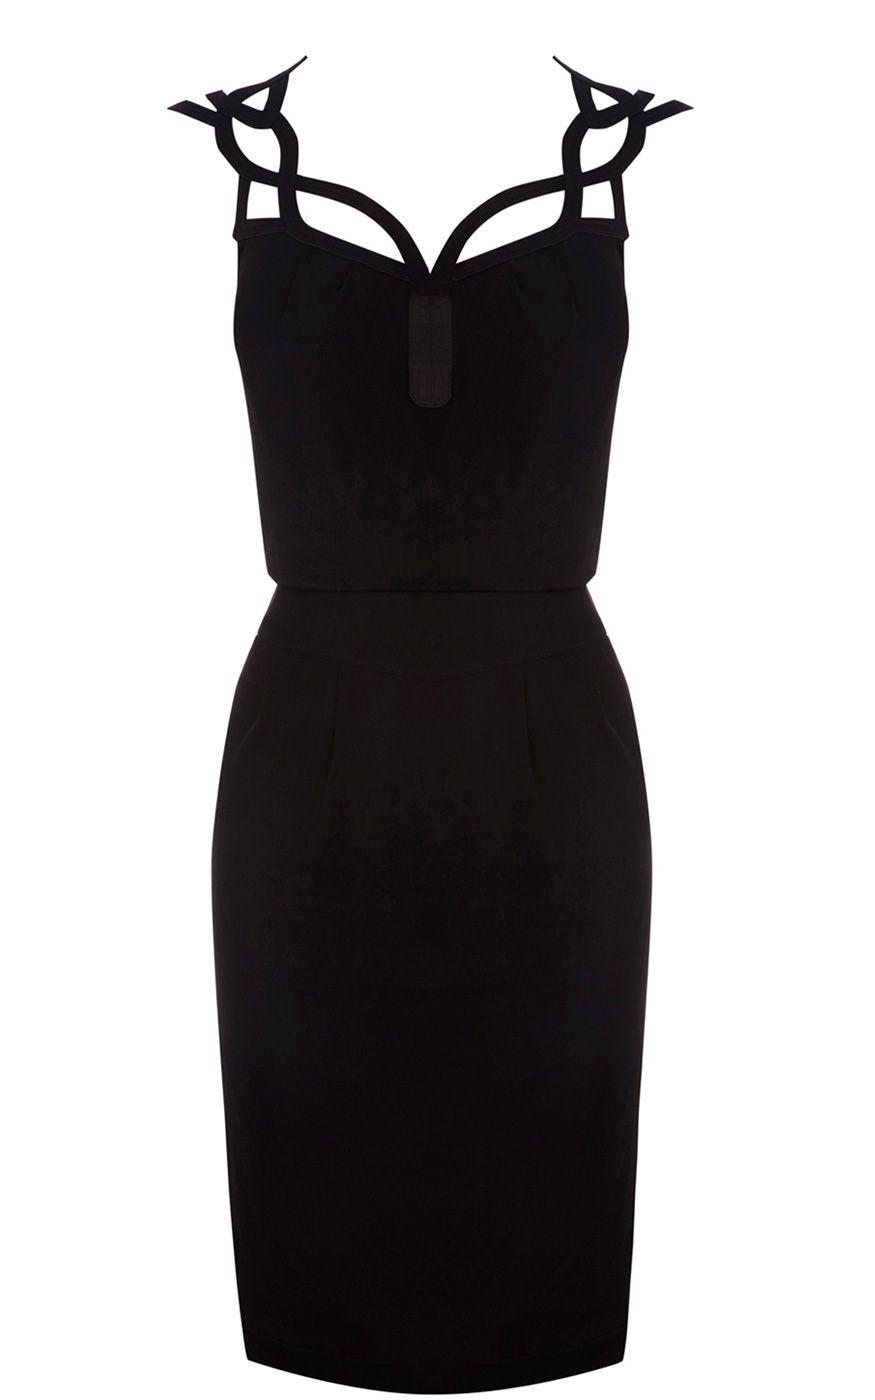 Black dress karen millen - Karen Millen Graphic Cutwork Dress Black Fashion Karen Millen Solid Color Dresses Outlet